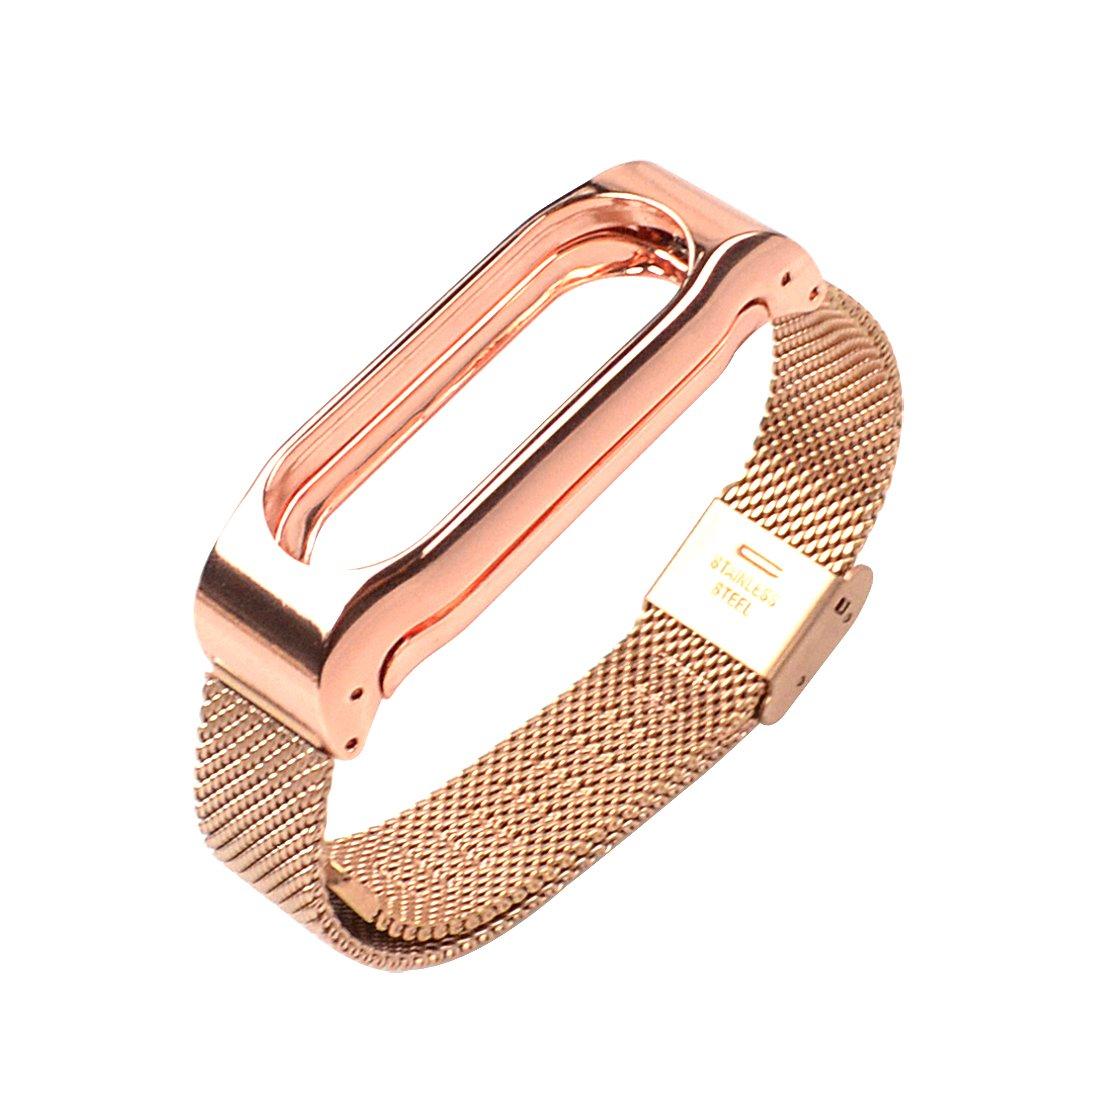 Starcrafter Elegant Schn Rostfreier Stahl Metallisch Xiaomi Mi Band 2 Armband Smartwatch Ersatzarmband Fr Wireless Zubehr Gold